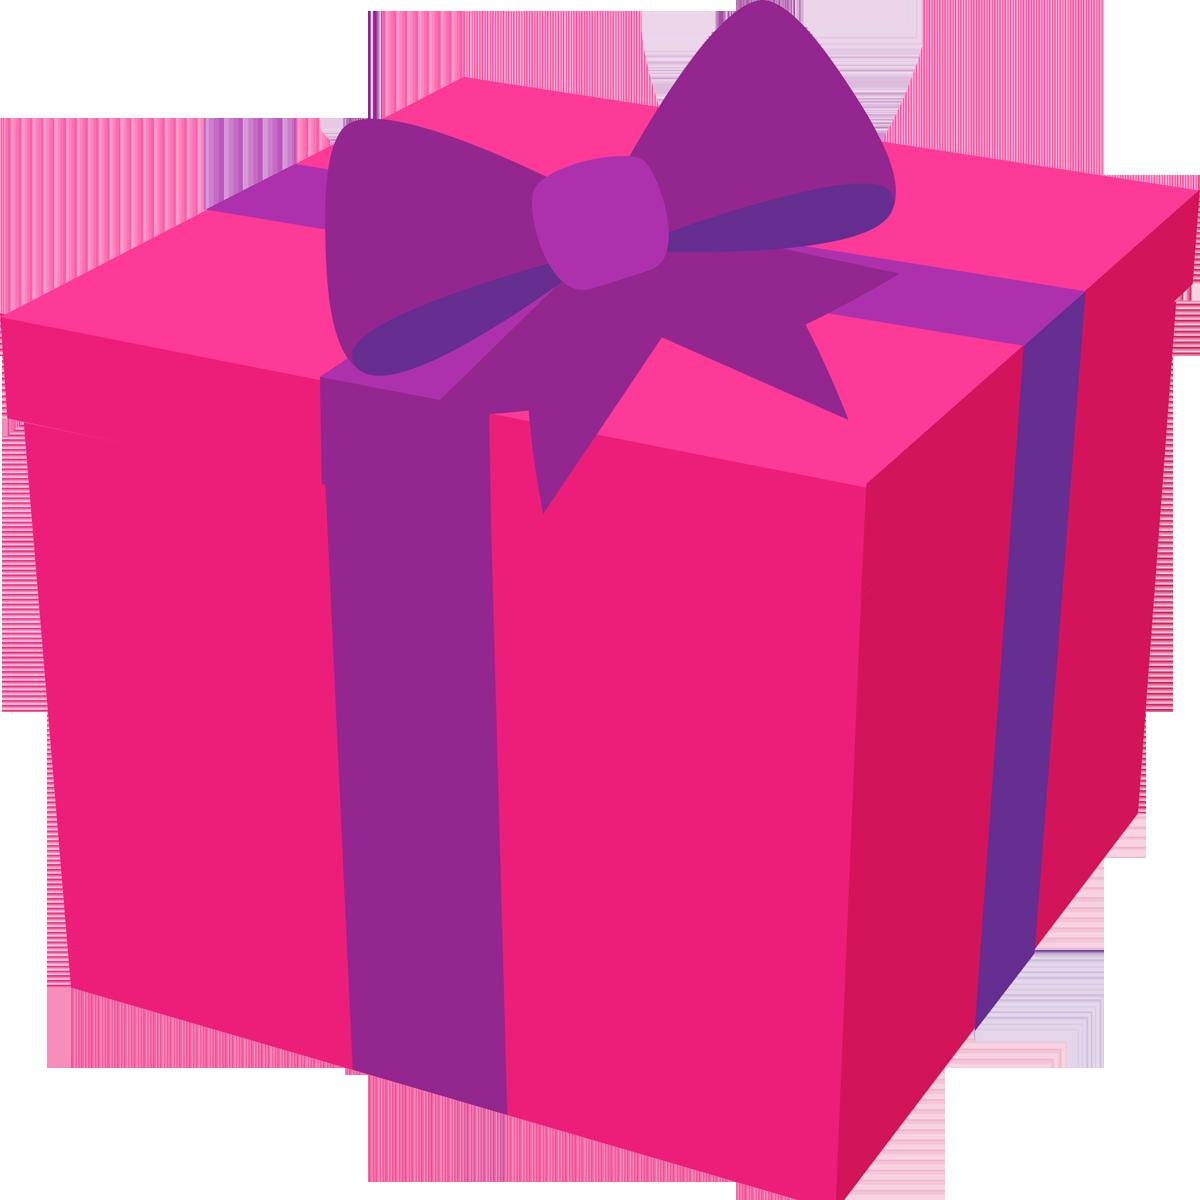 Happy Birthday Present Clipart Meg Gift2 Png 1200 1200 Dibujos De Cumpleanos Globos Decoracion De Unas